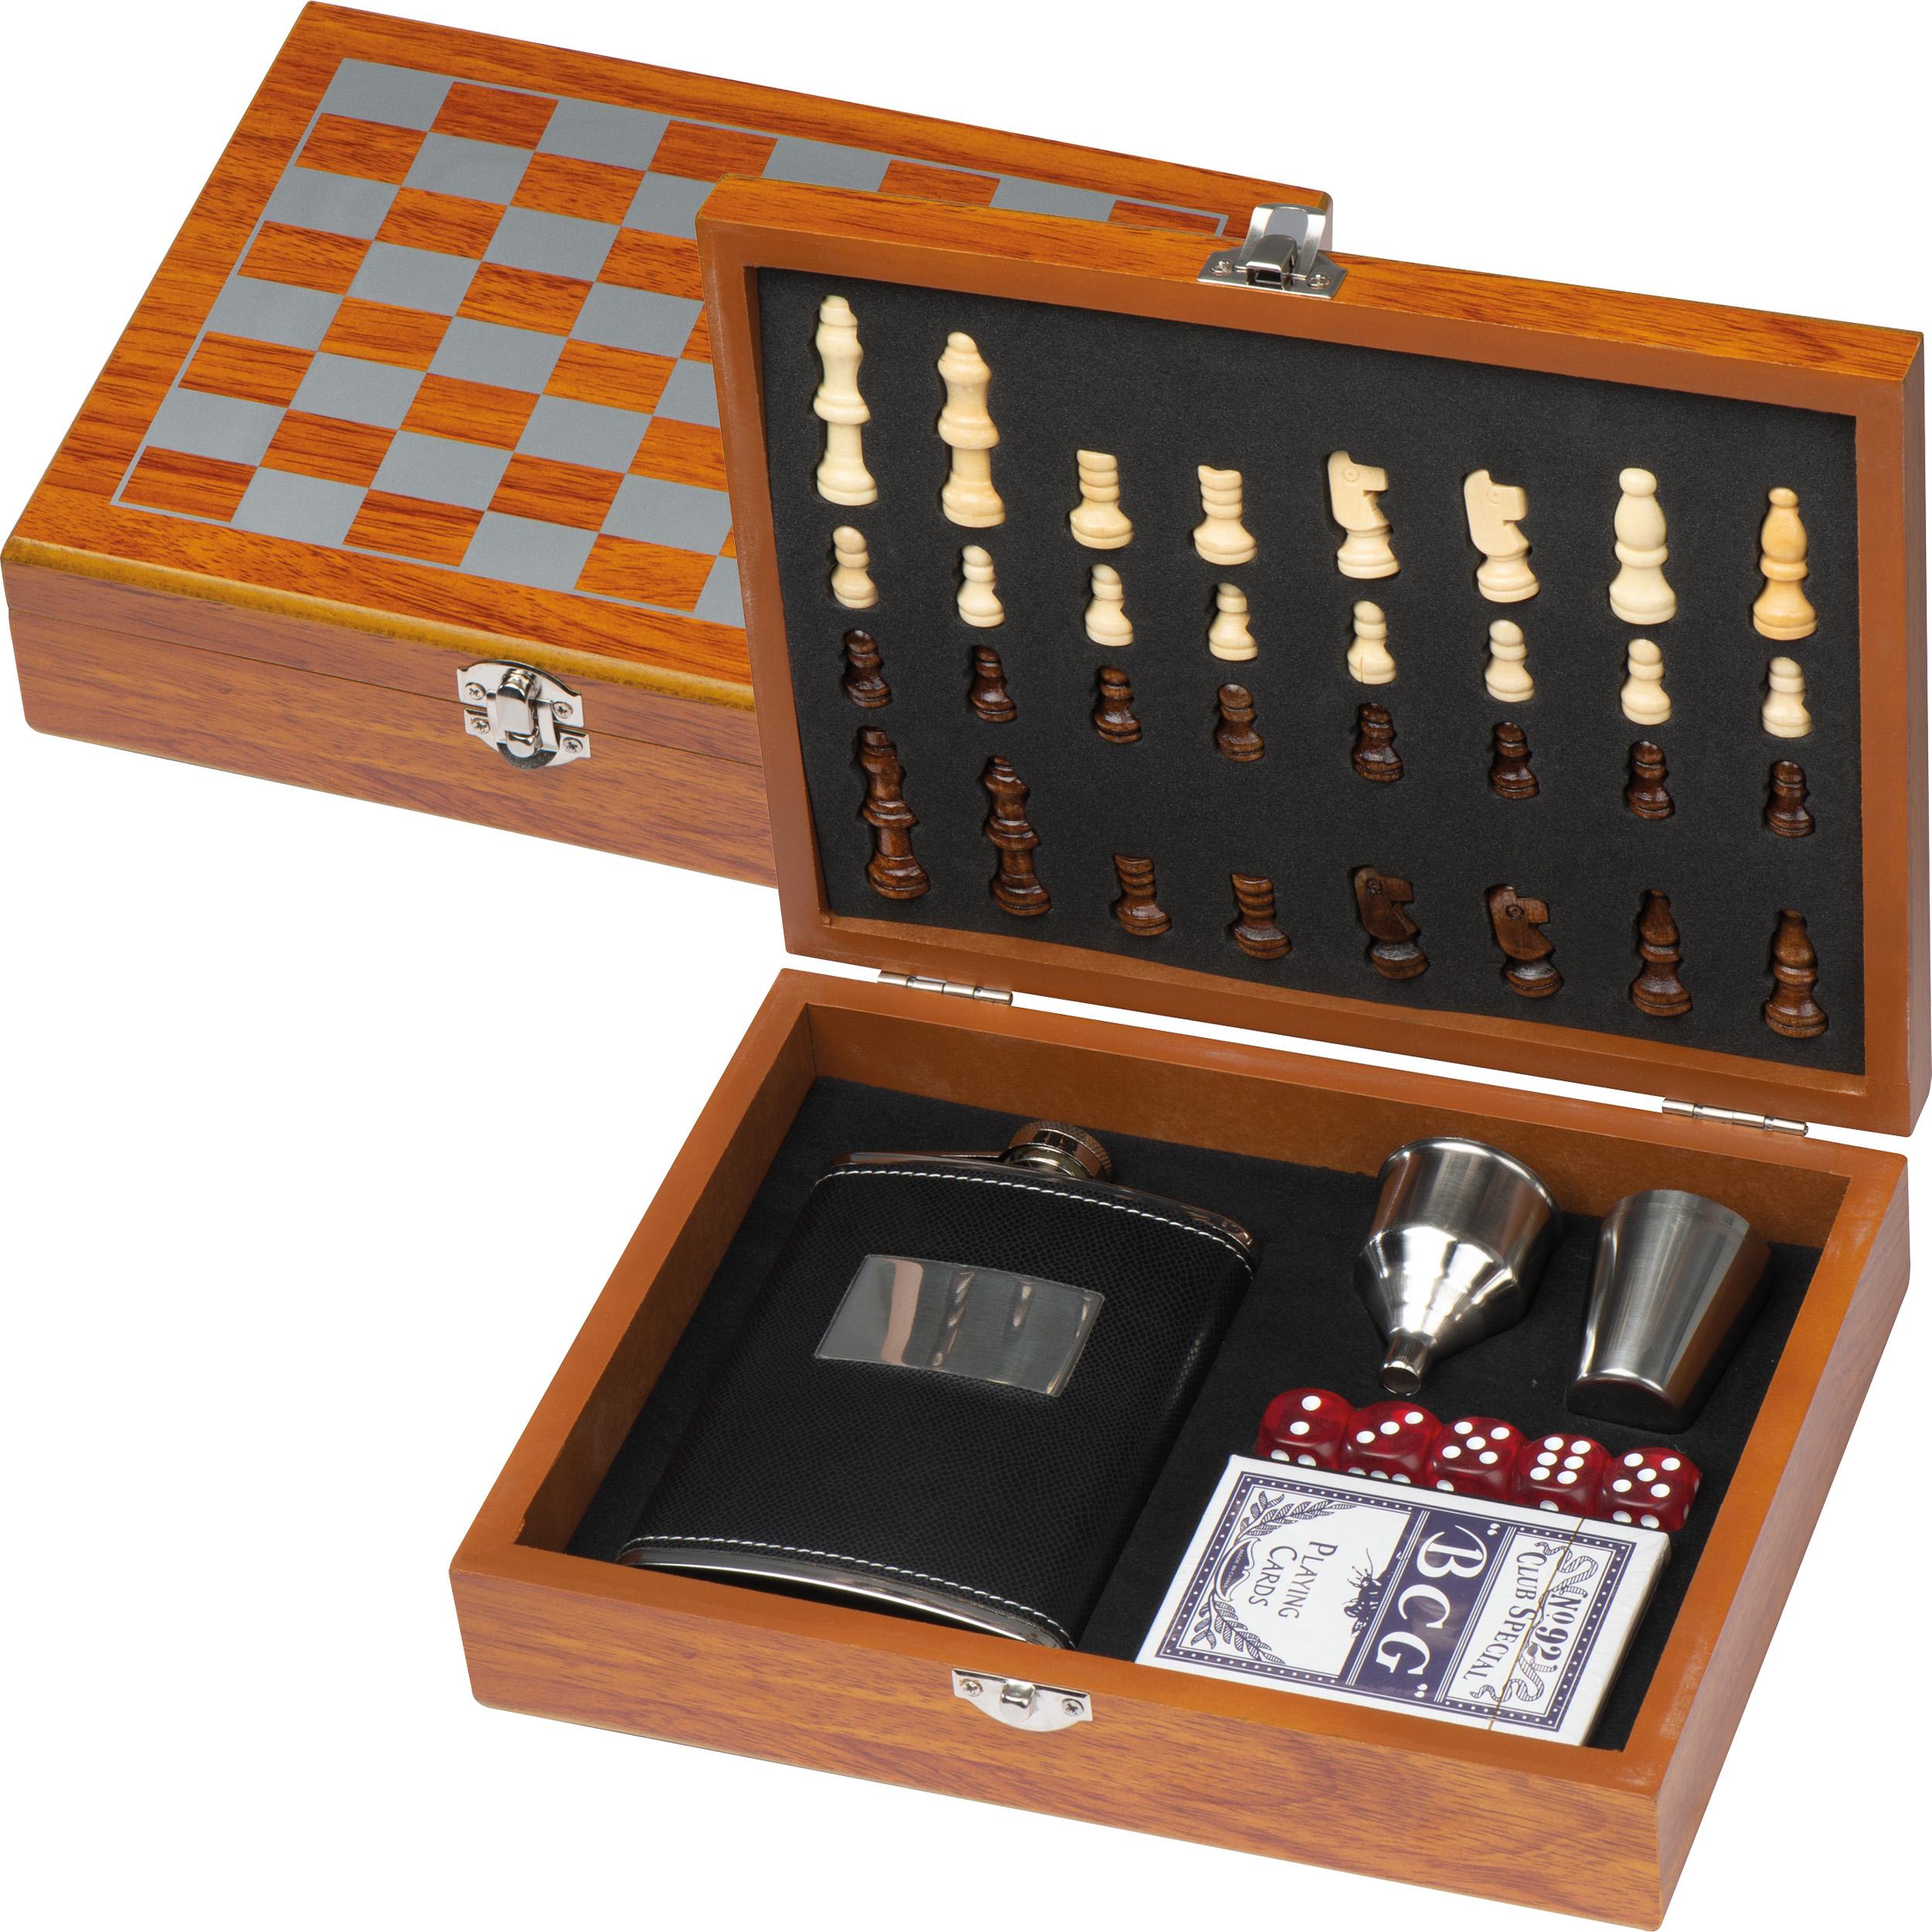 Set de jeux avec flasque, jeux de cartes et échec